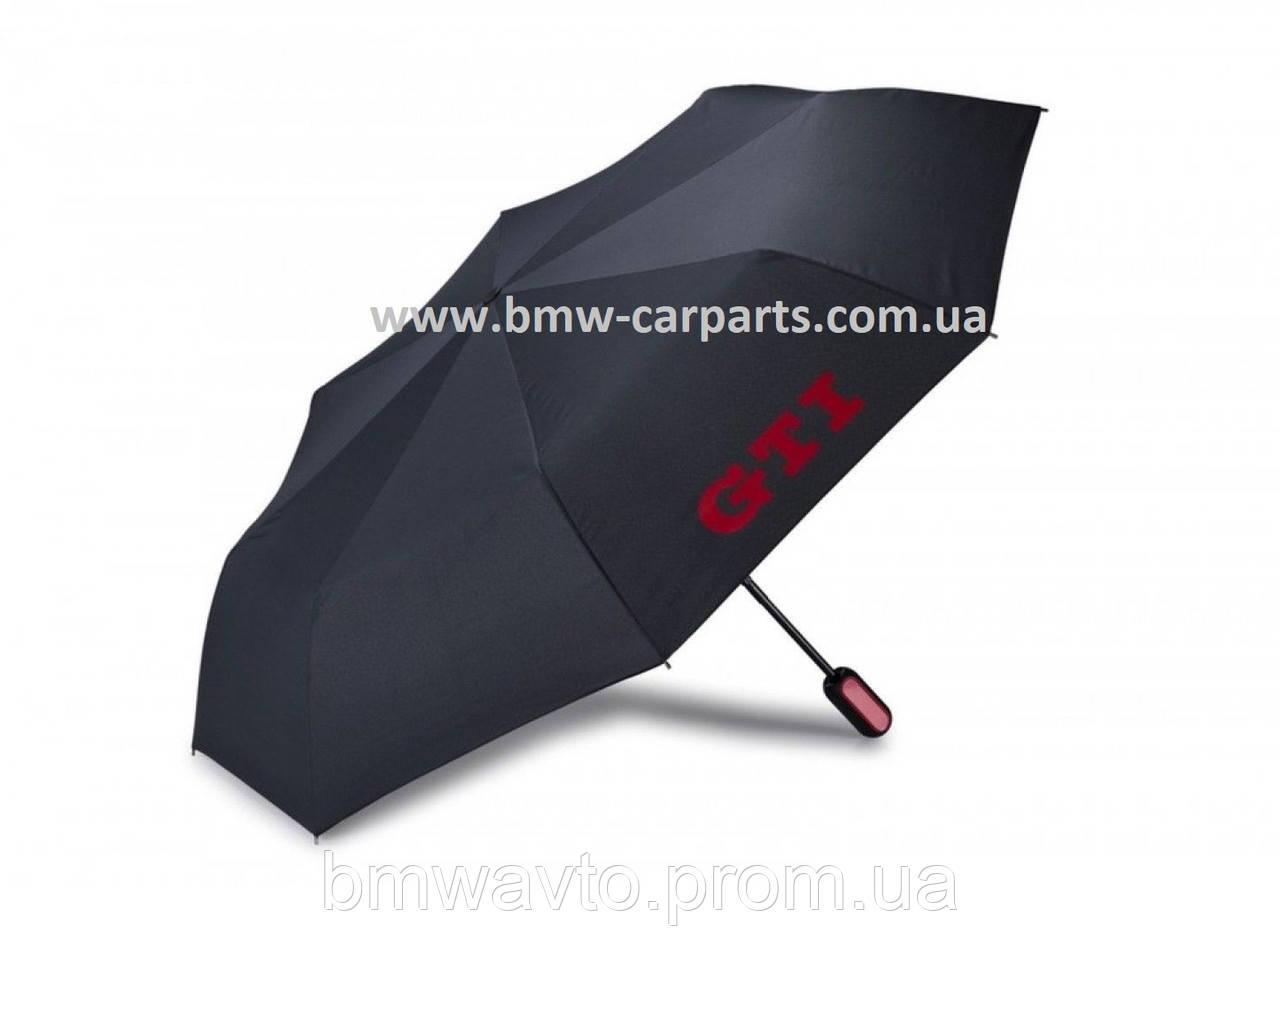 Складной зонт Volkswagen GTI Umbrella